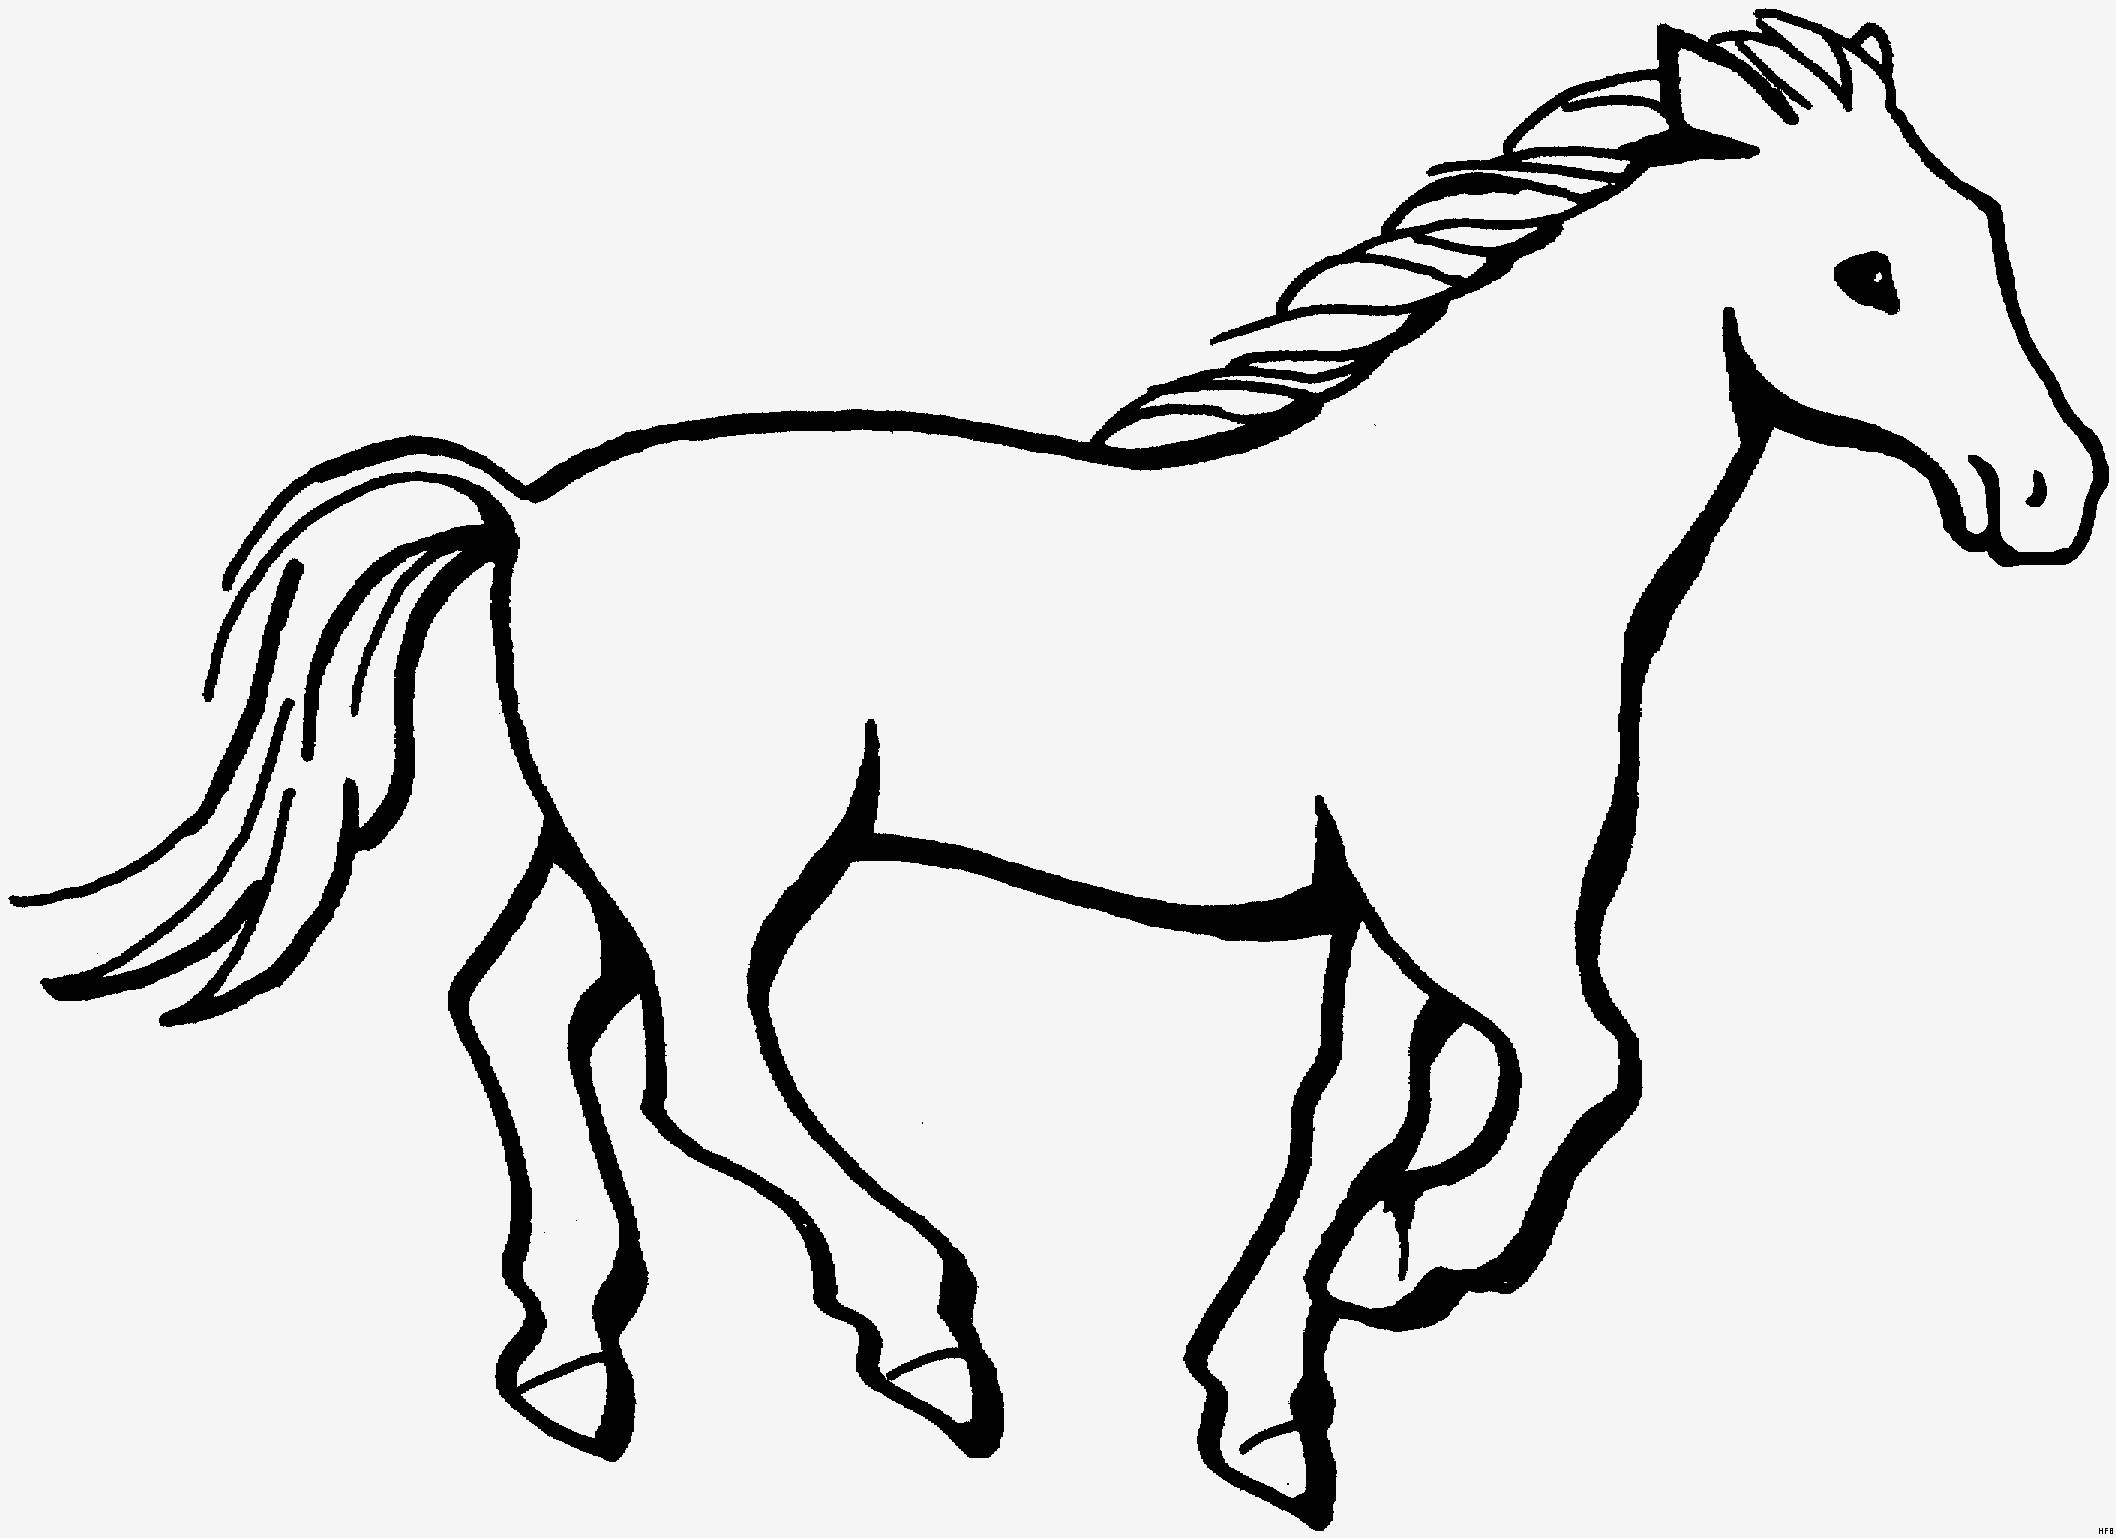 Pferde Ausmalbilder Mit Reiter Frisch Verschiedene Bilder Färben Ausmalbilder Pferde Sammlung